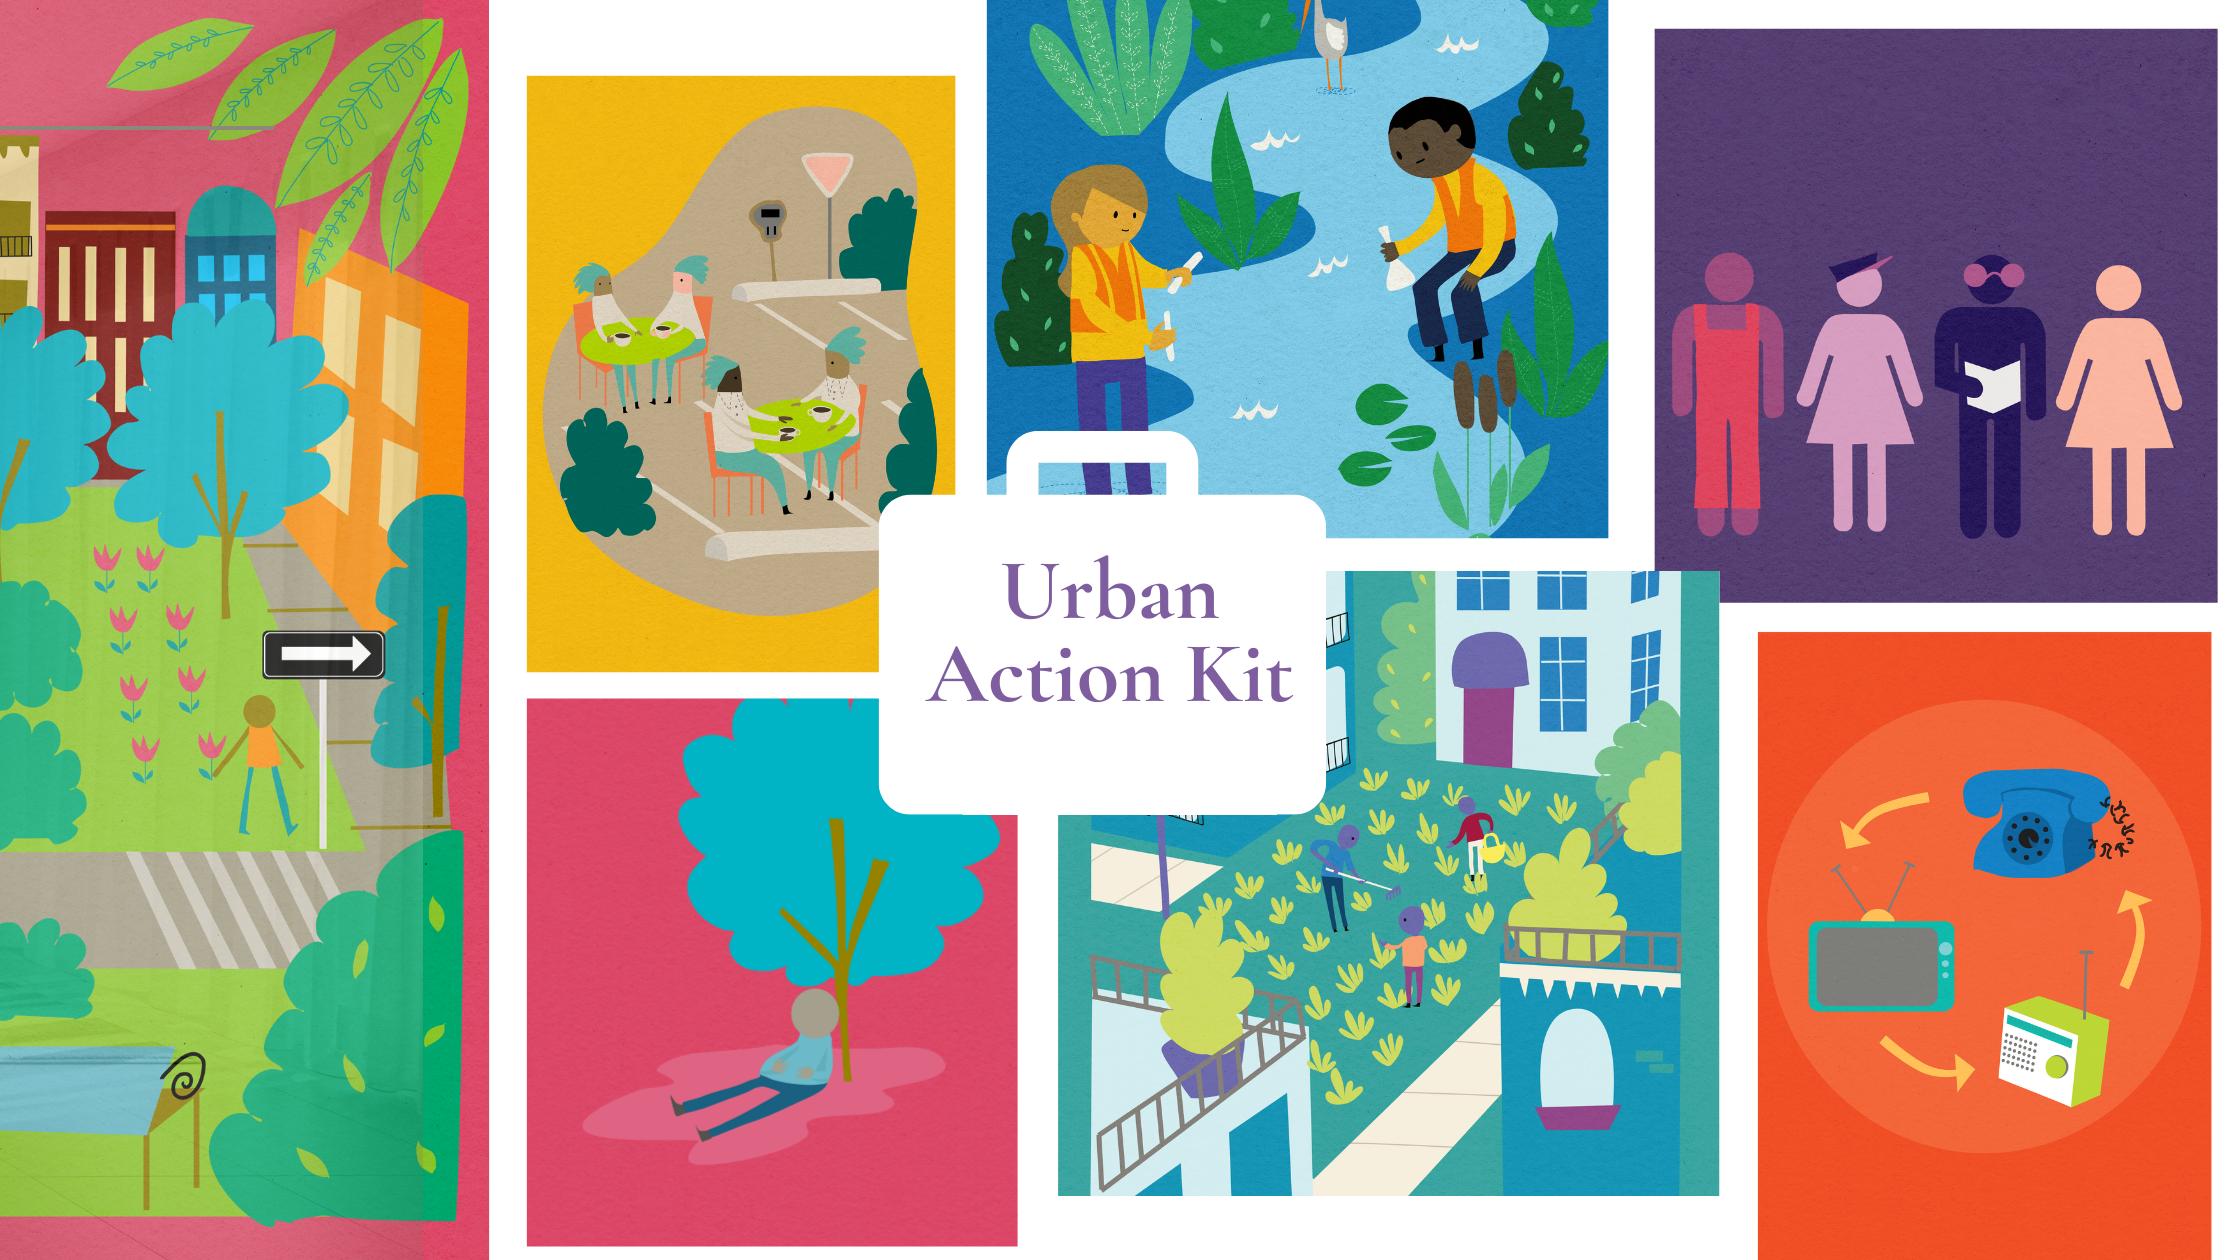 Urban Action Kit